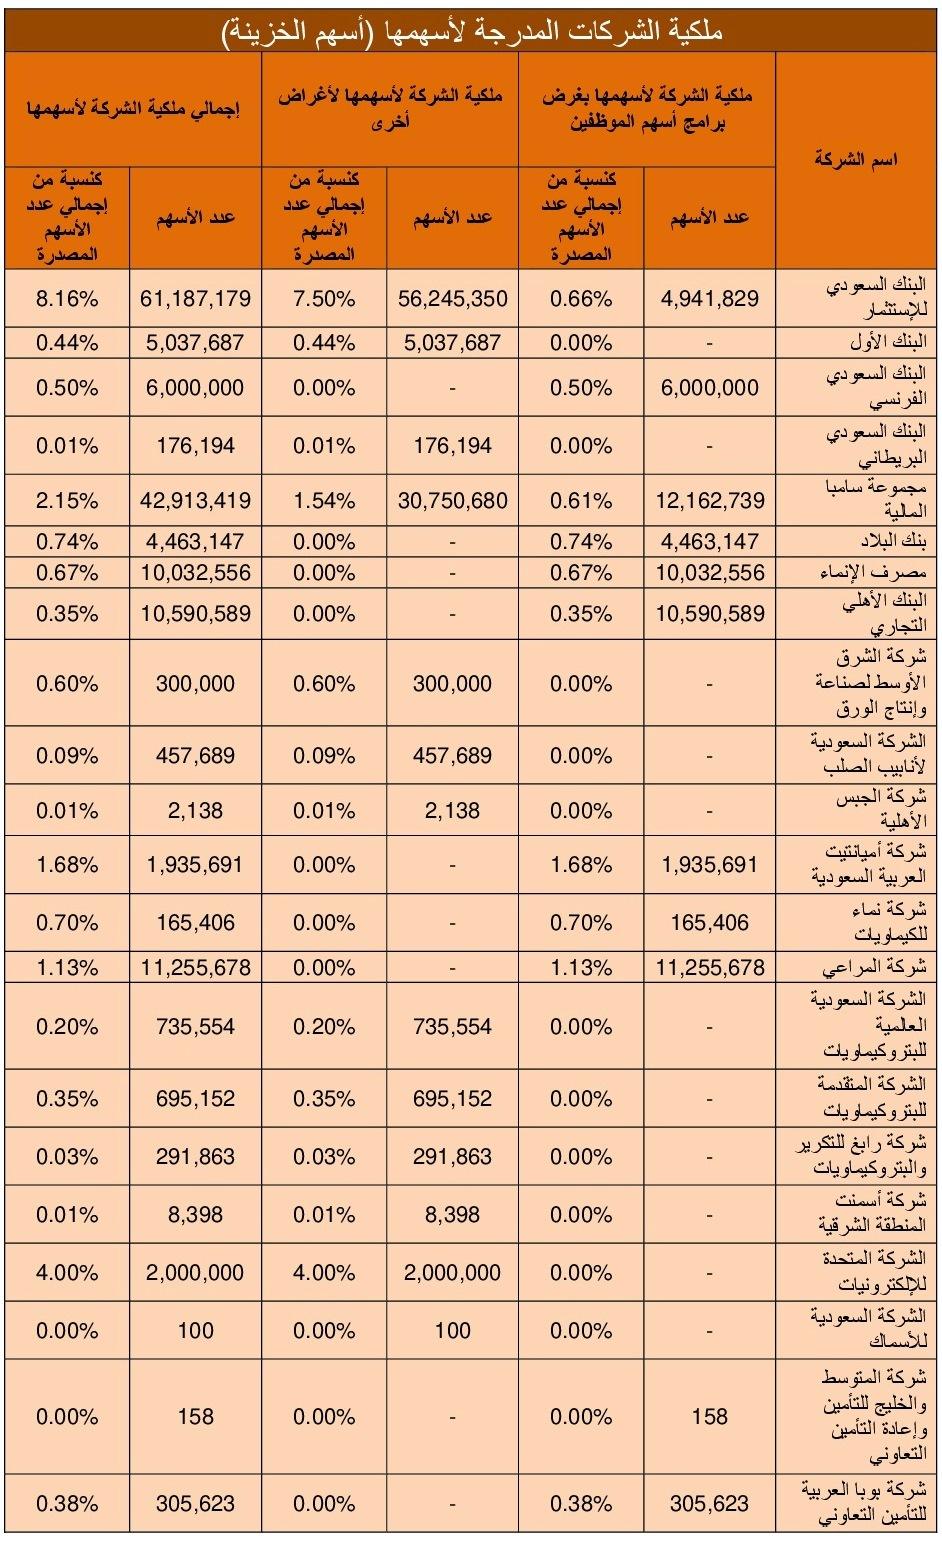 158.6 مليون سهم خزينة لـ 22 شركة في سوق الأسهم.. 89% منها للمصارف   صحيفة الاقتصادية